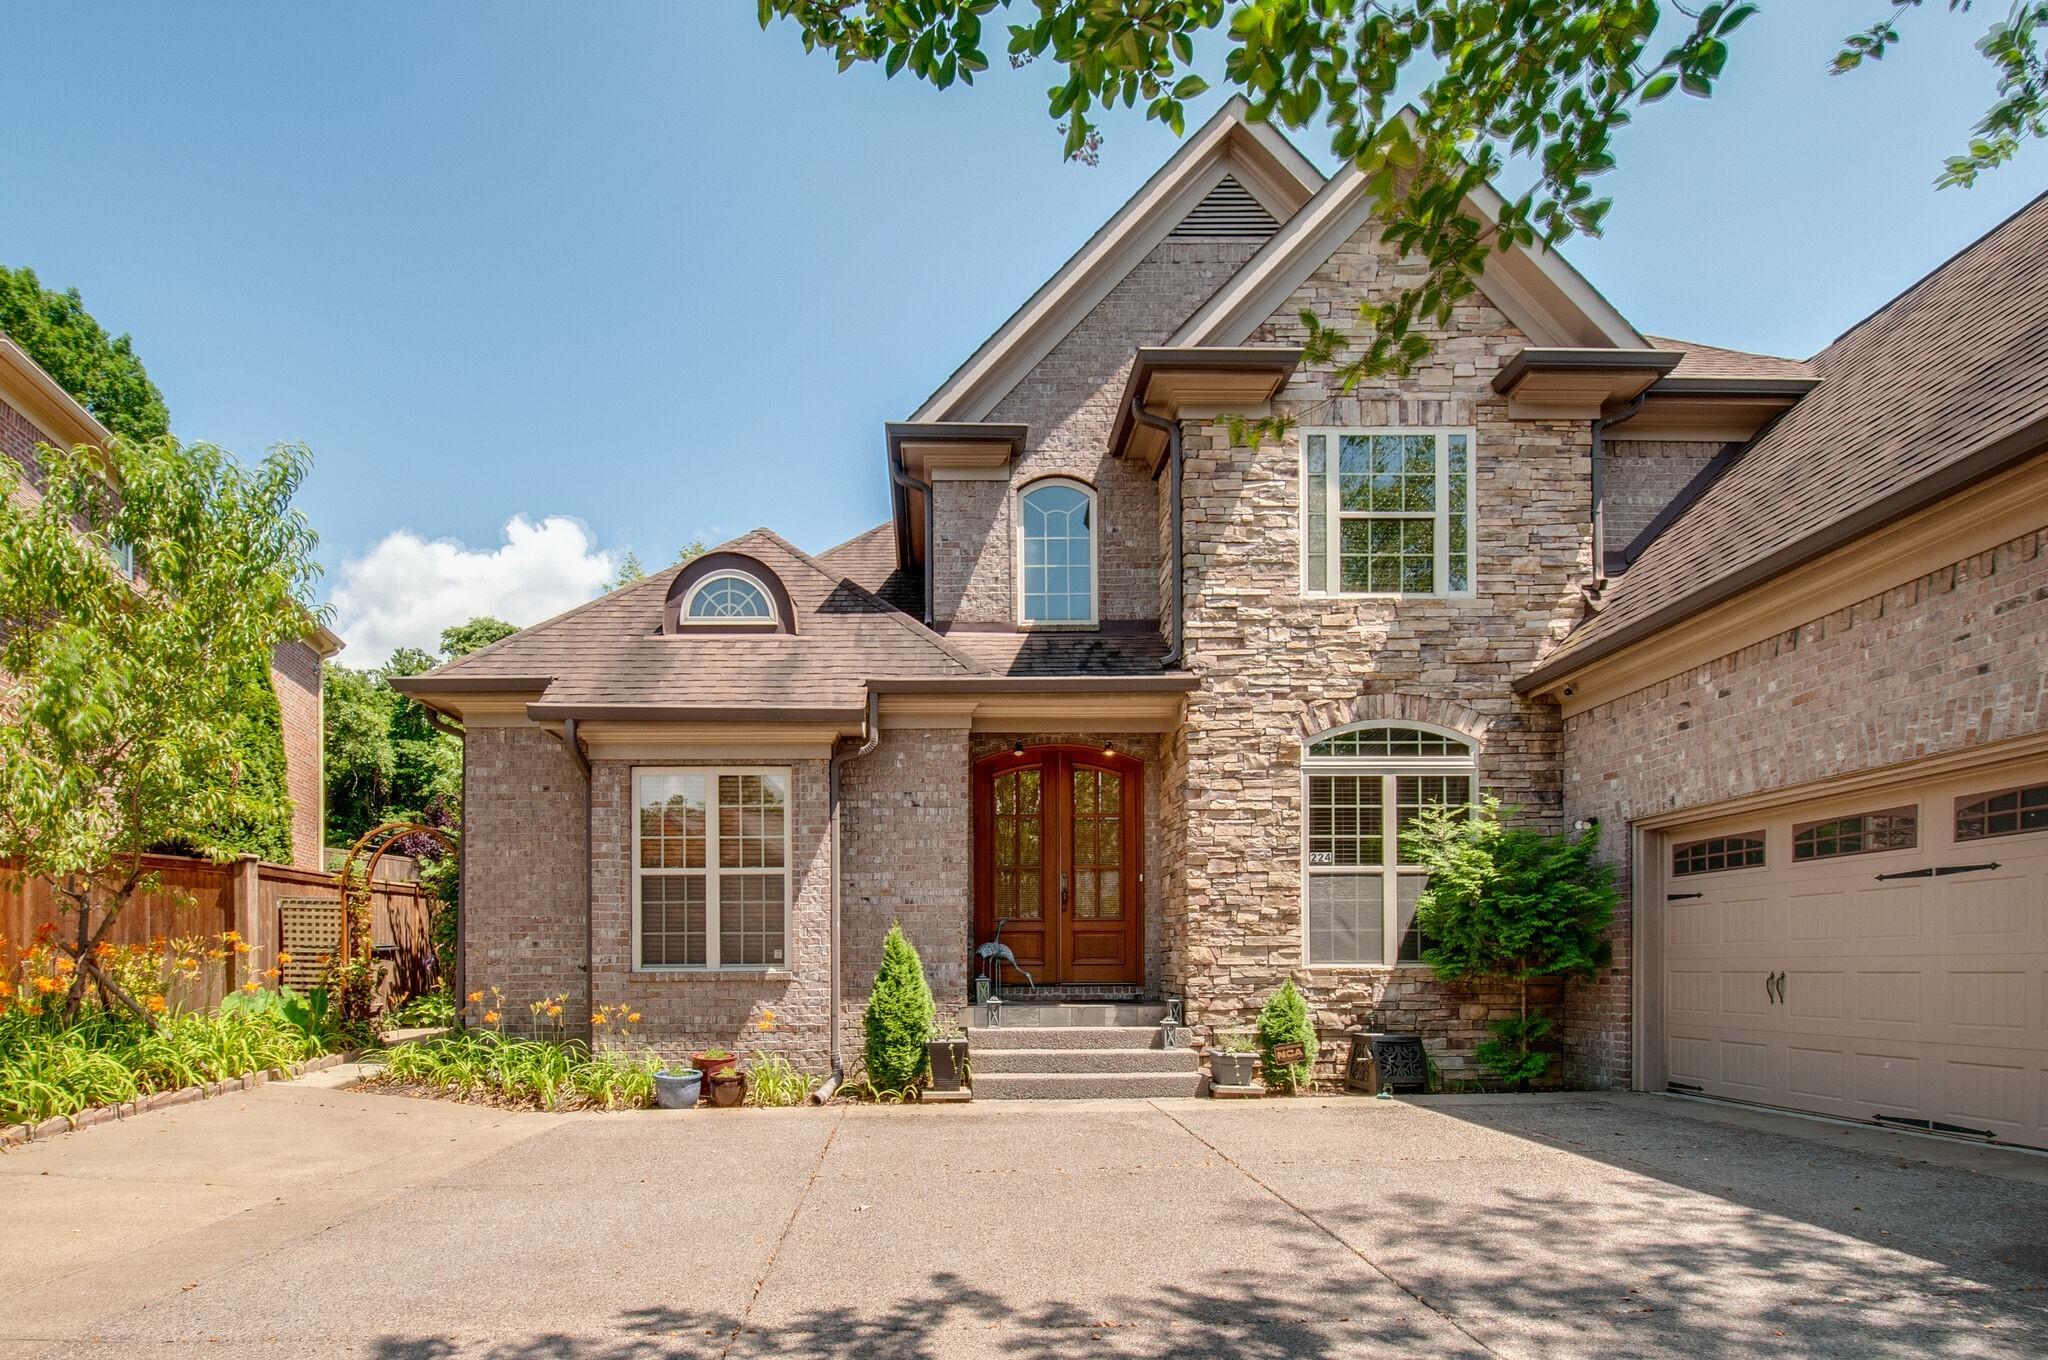 224 Valley Bend Dr Property Photo - Nashville, TN real estate listing